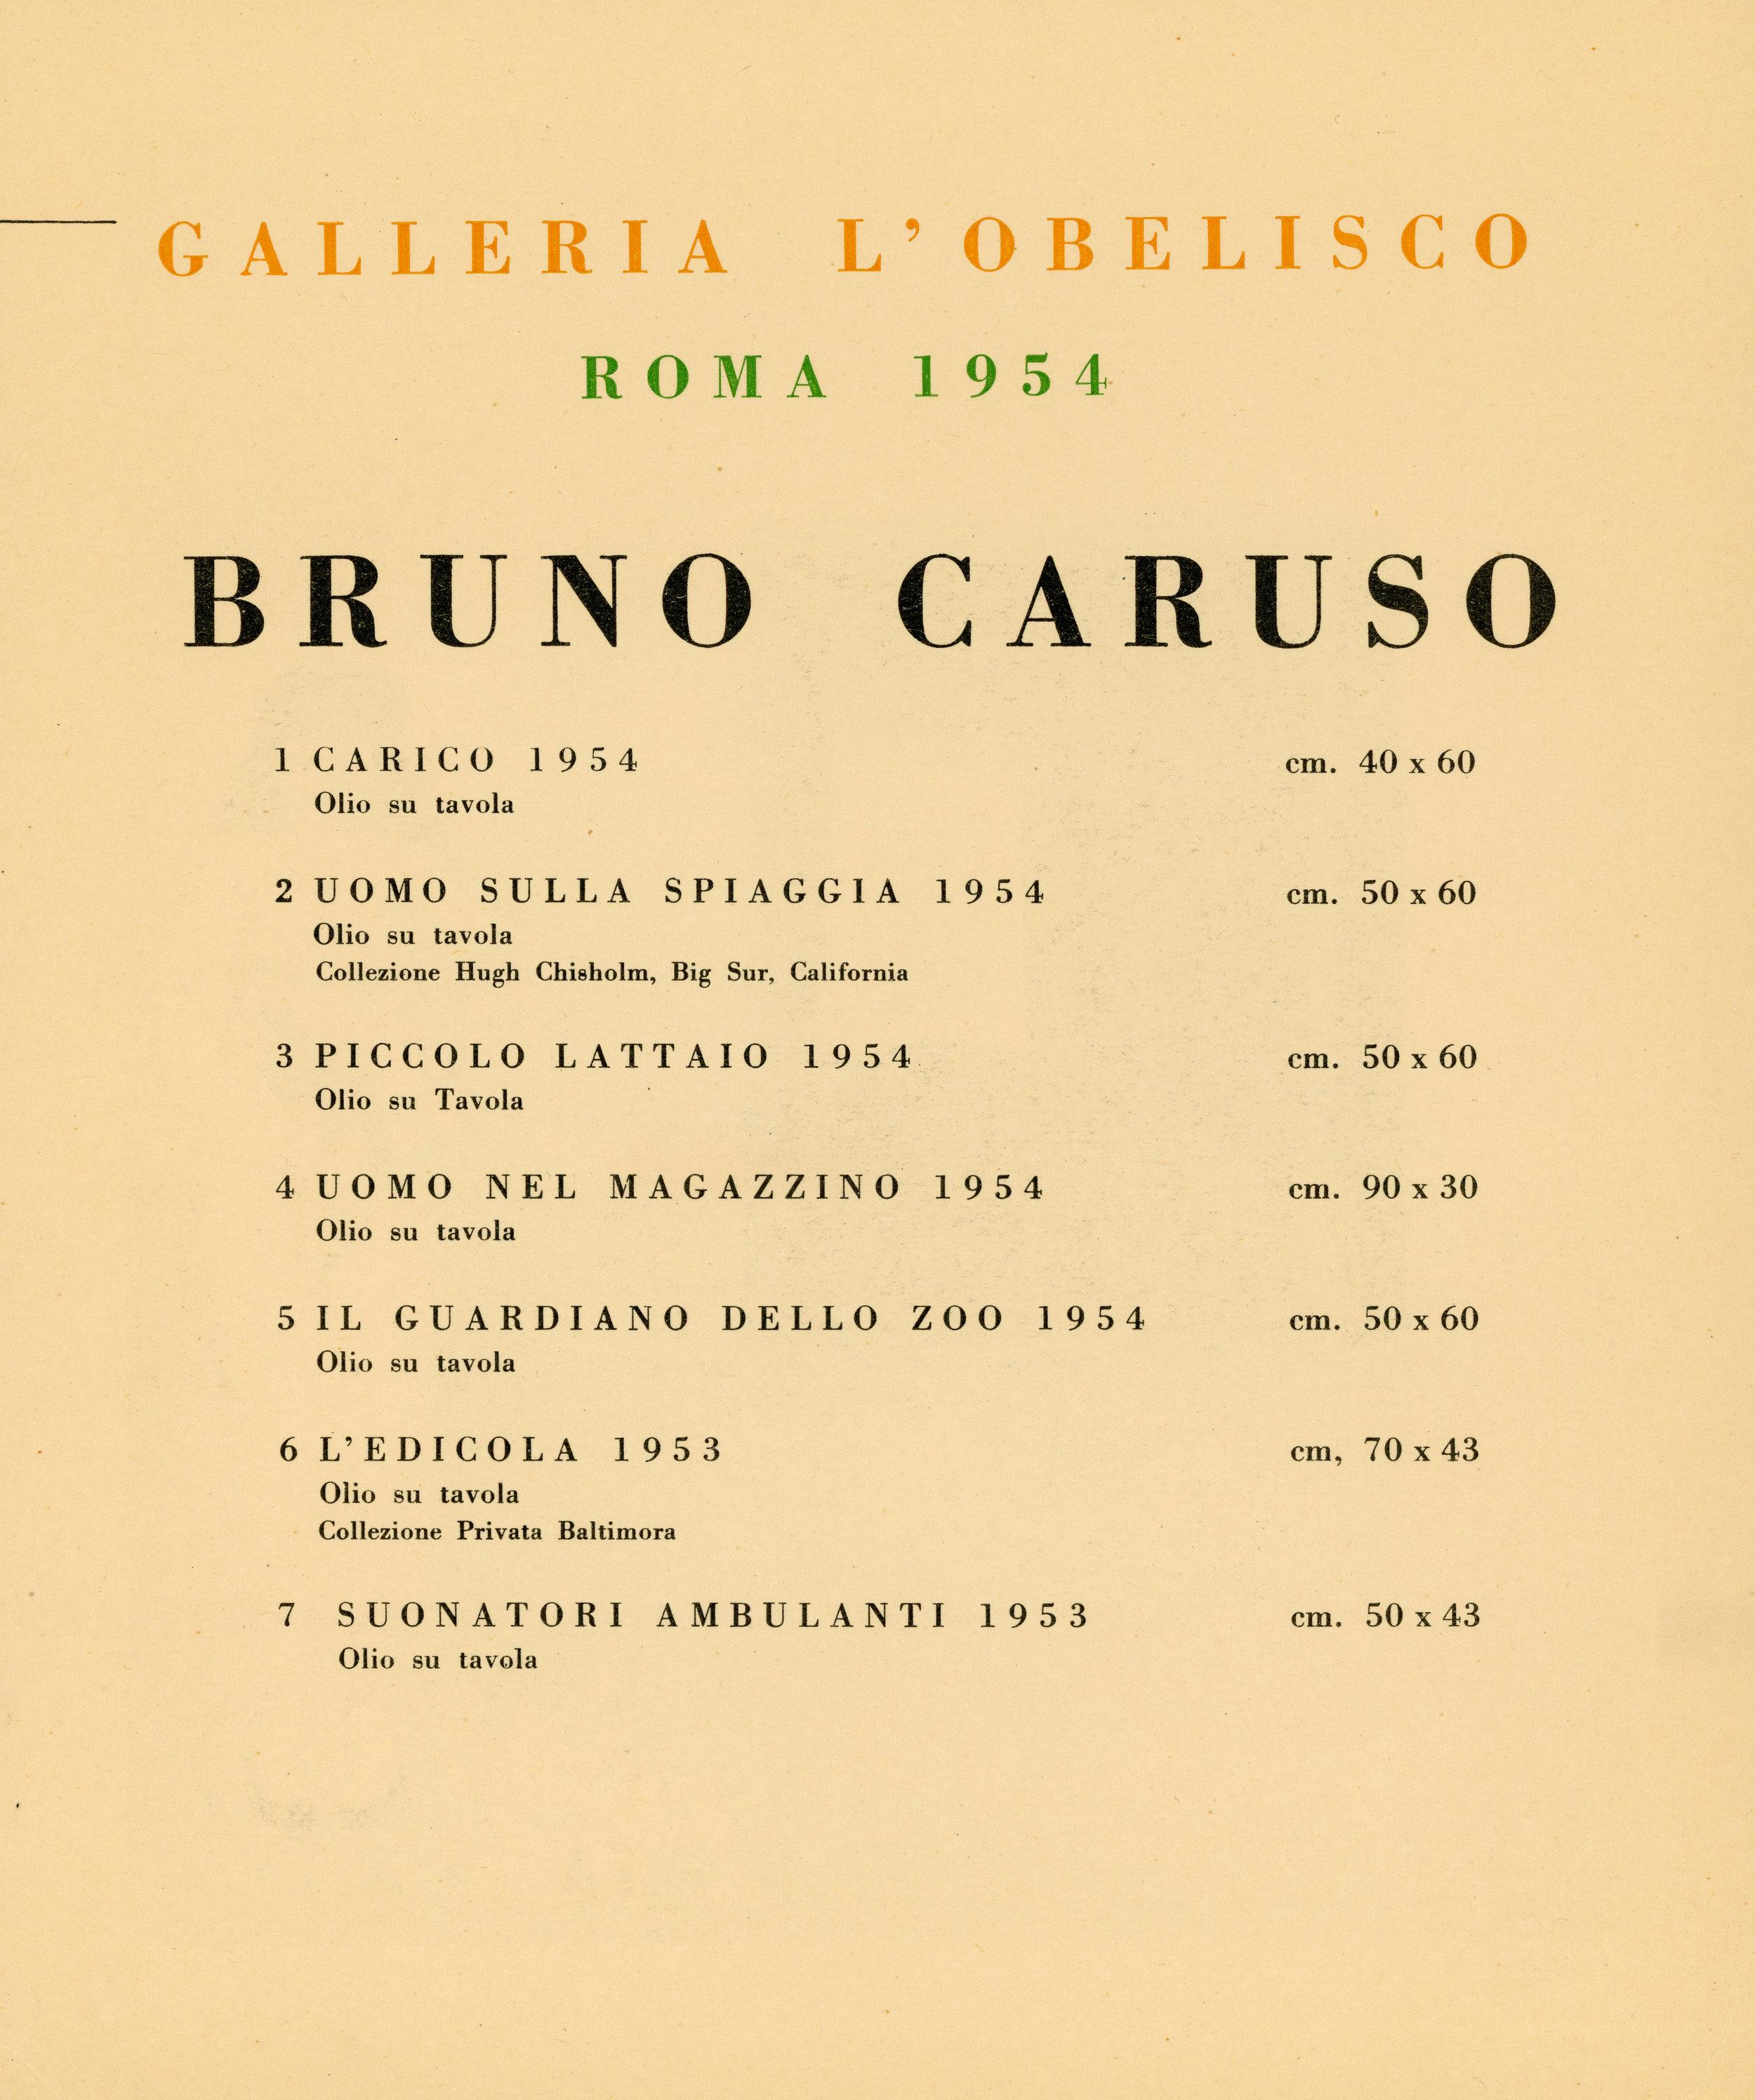 1954-04 L'Obelisco - Bruno Caruso_02.jpg